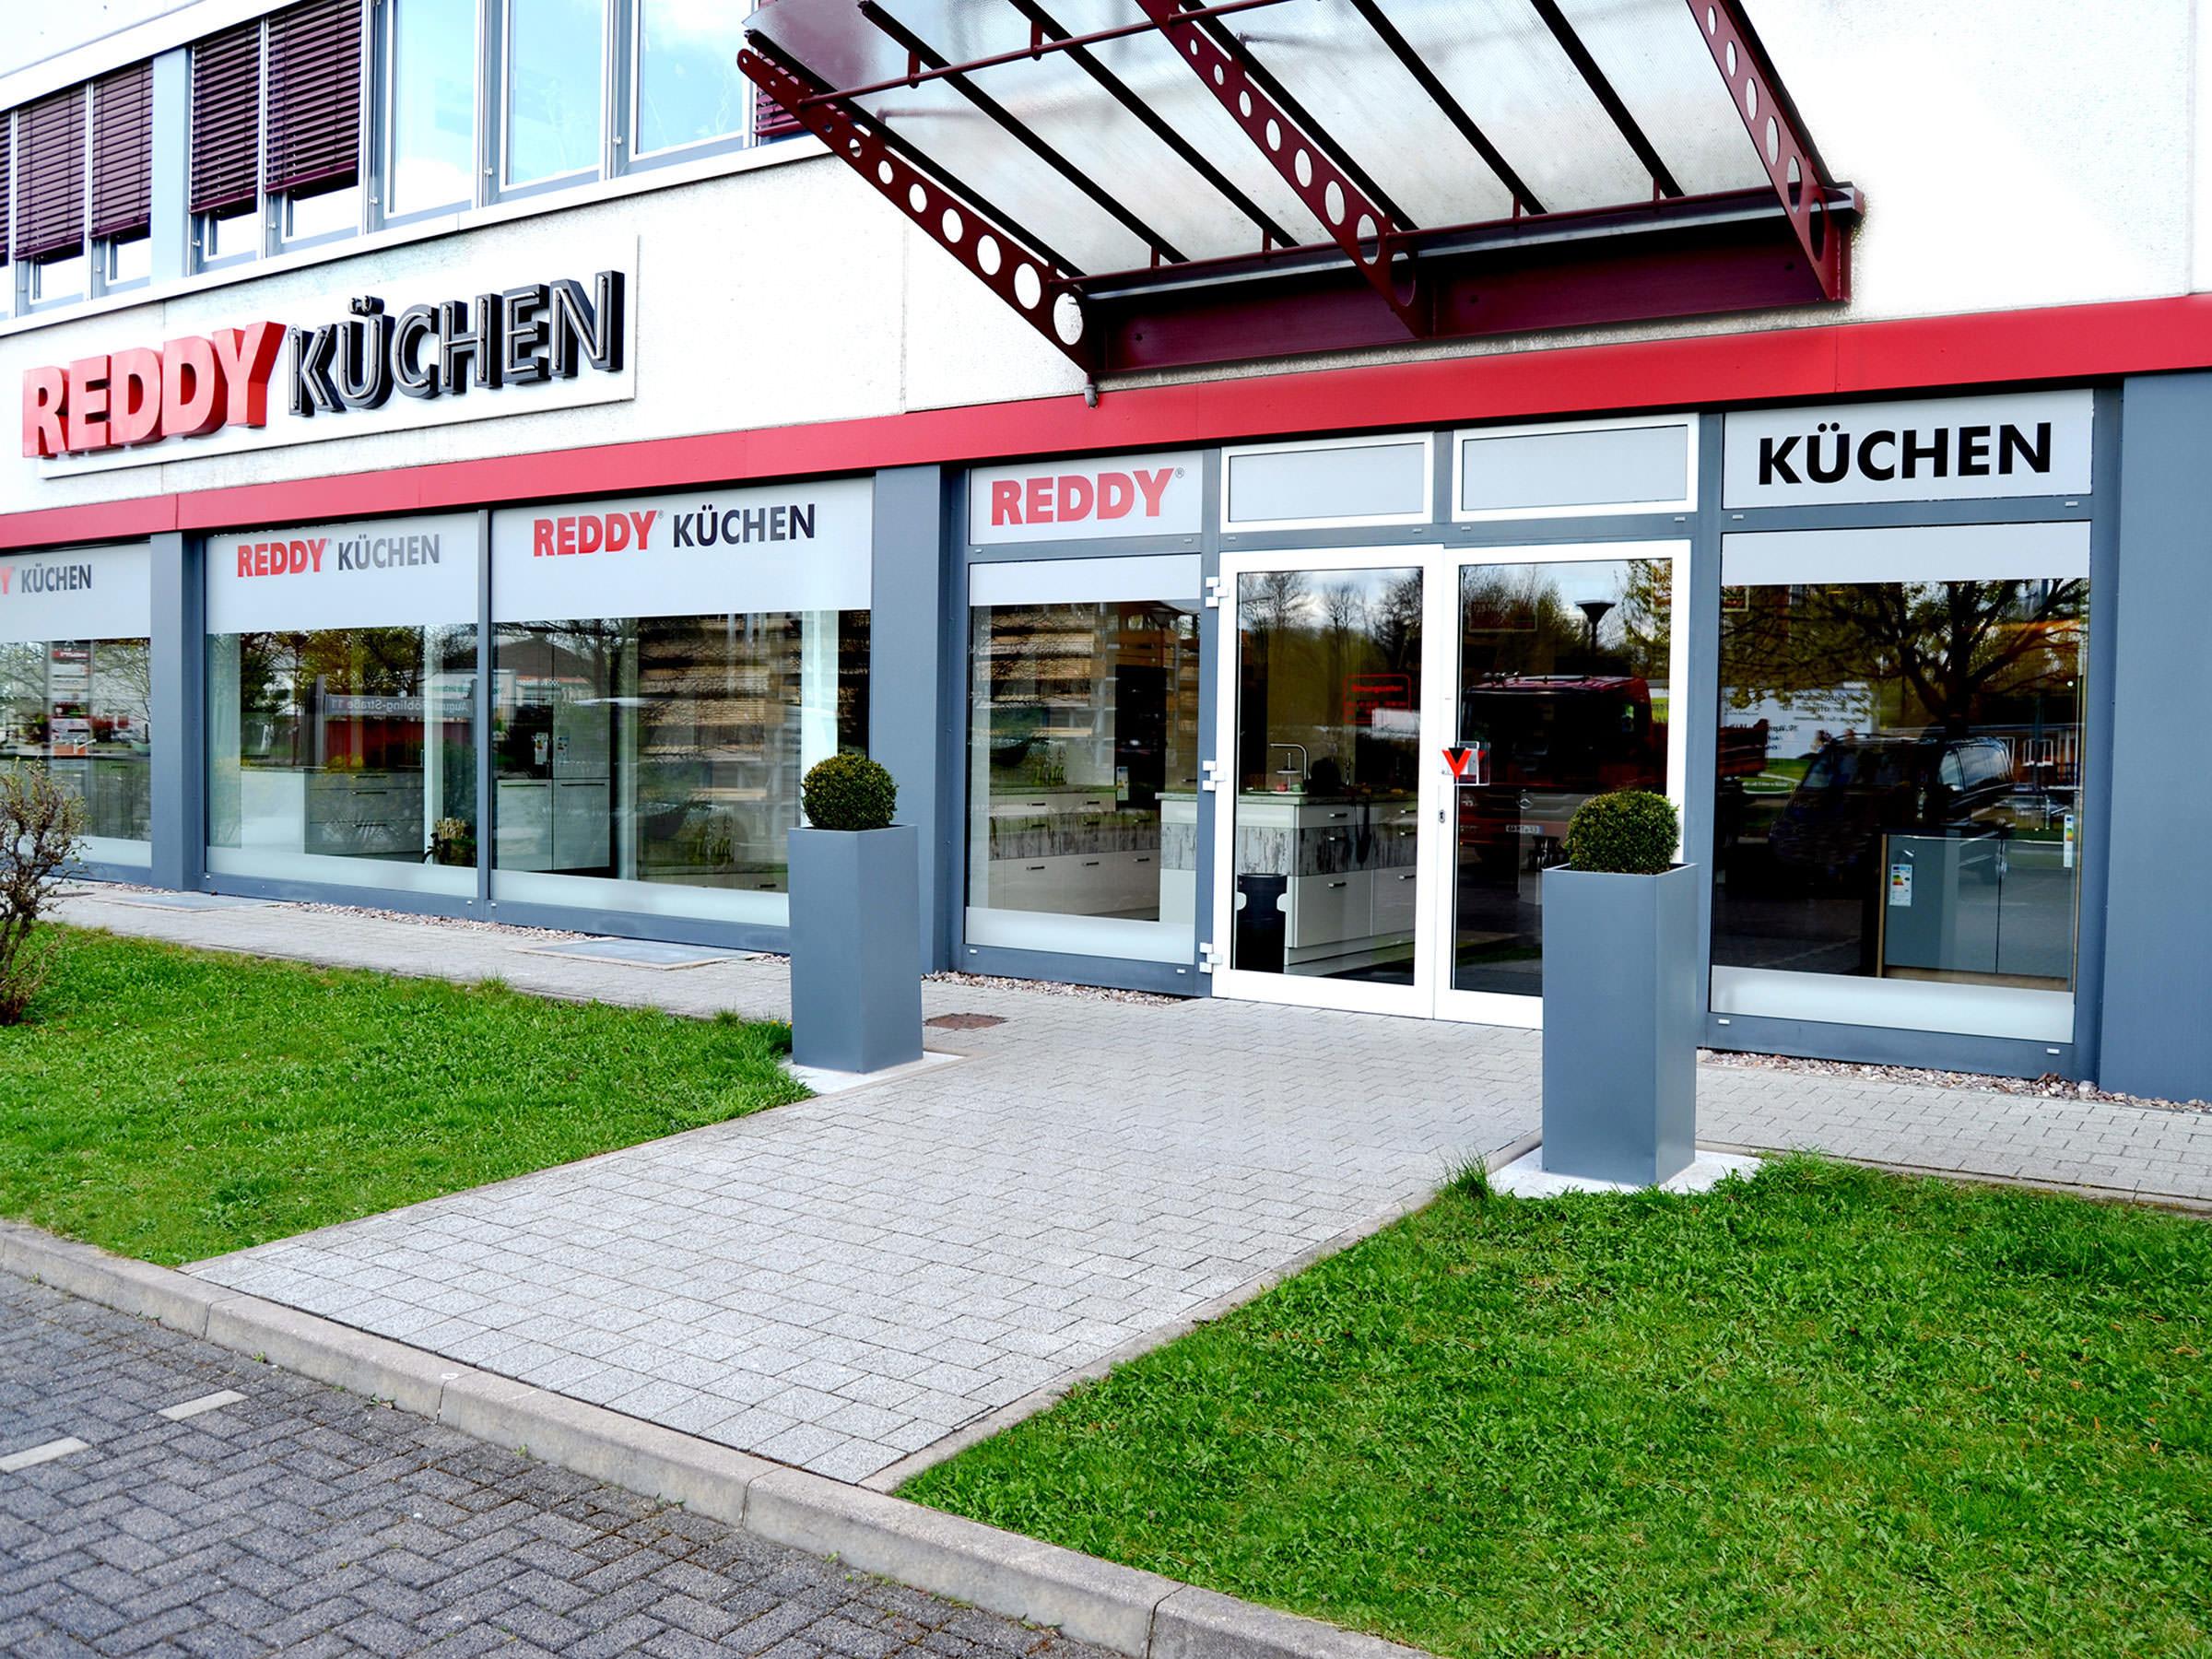 Reddy Küchen Erfurt. k chen in erfurt 318 bewertungen bei. reddy k ...